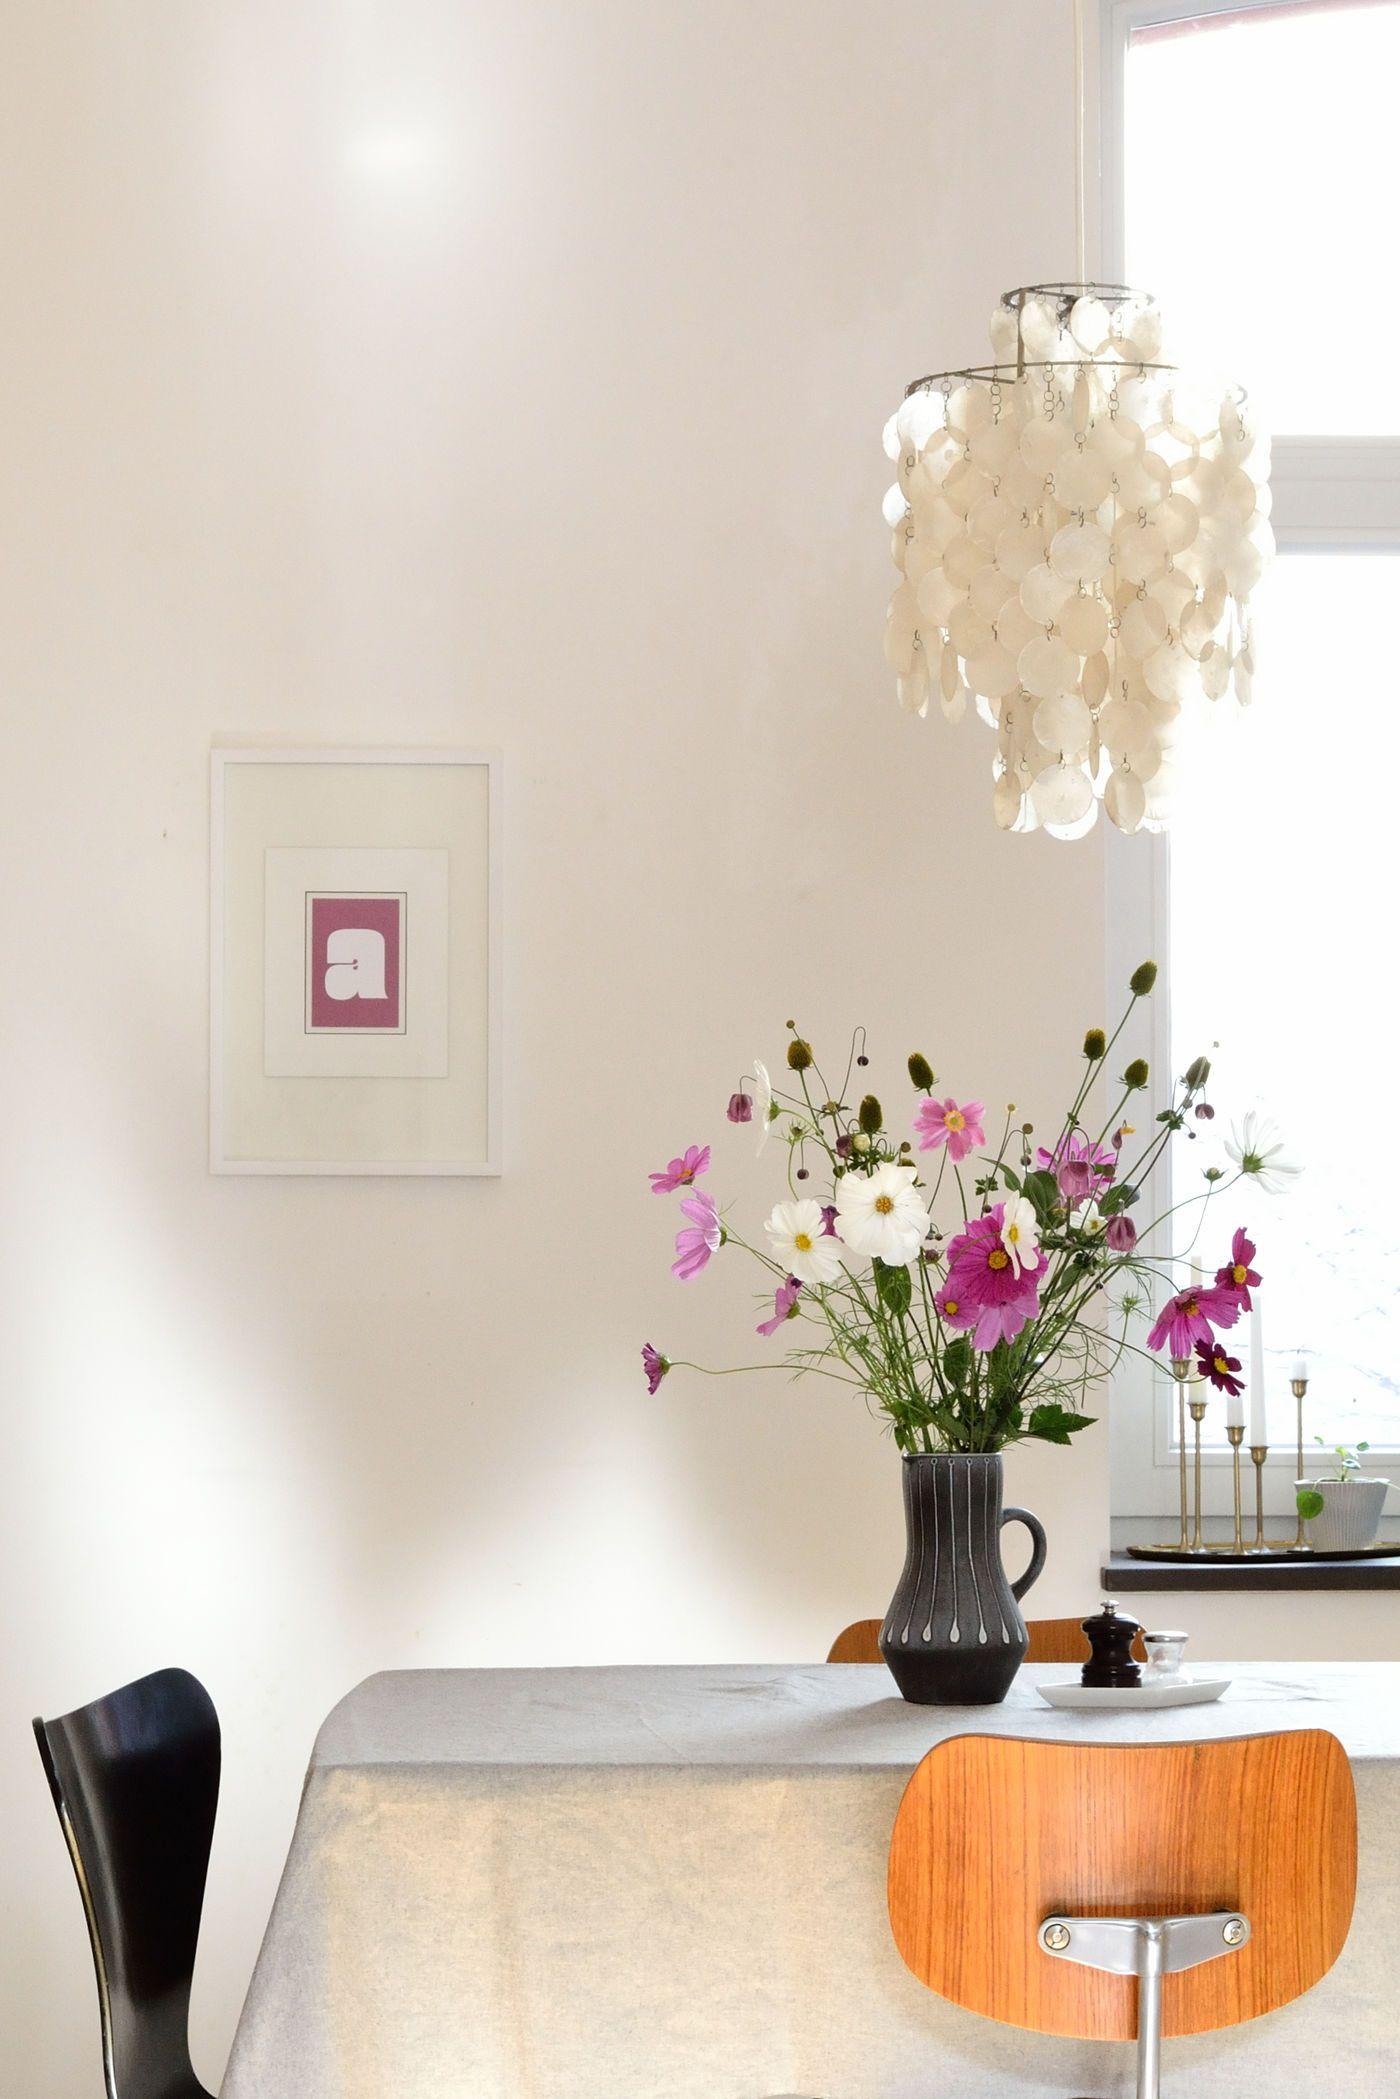 Ausgezeichnet Kühle Möbelentwürfe Galerie - Images for ...